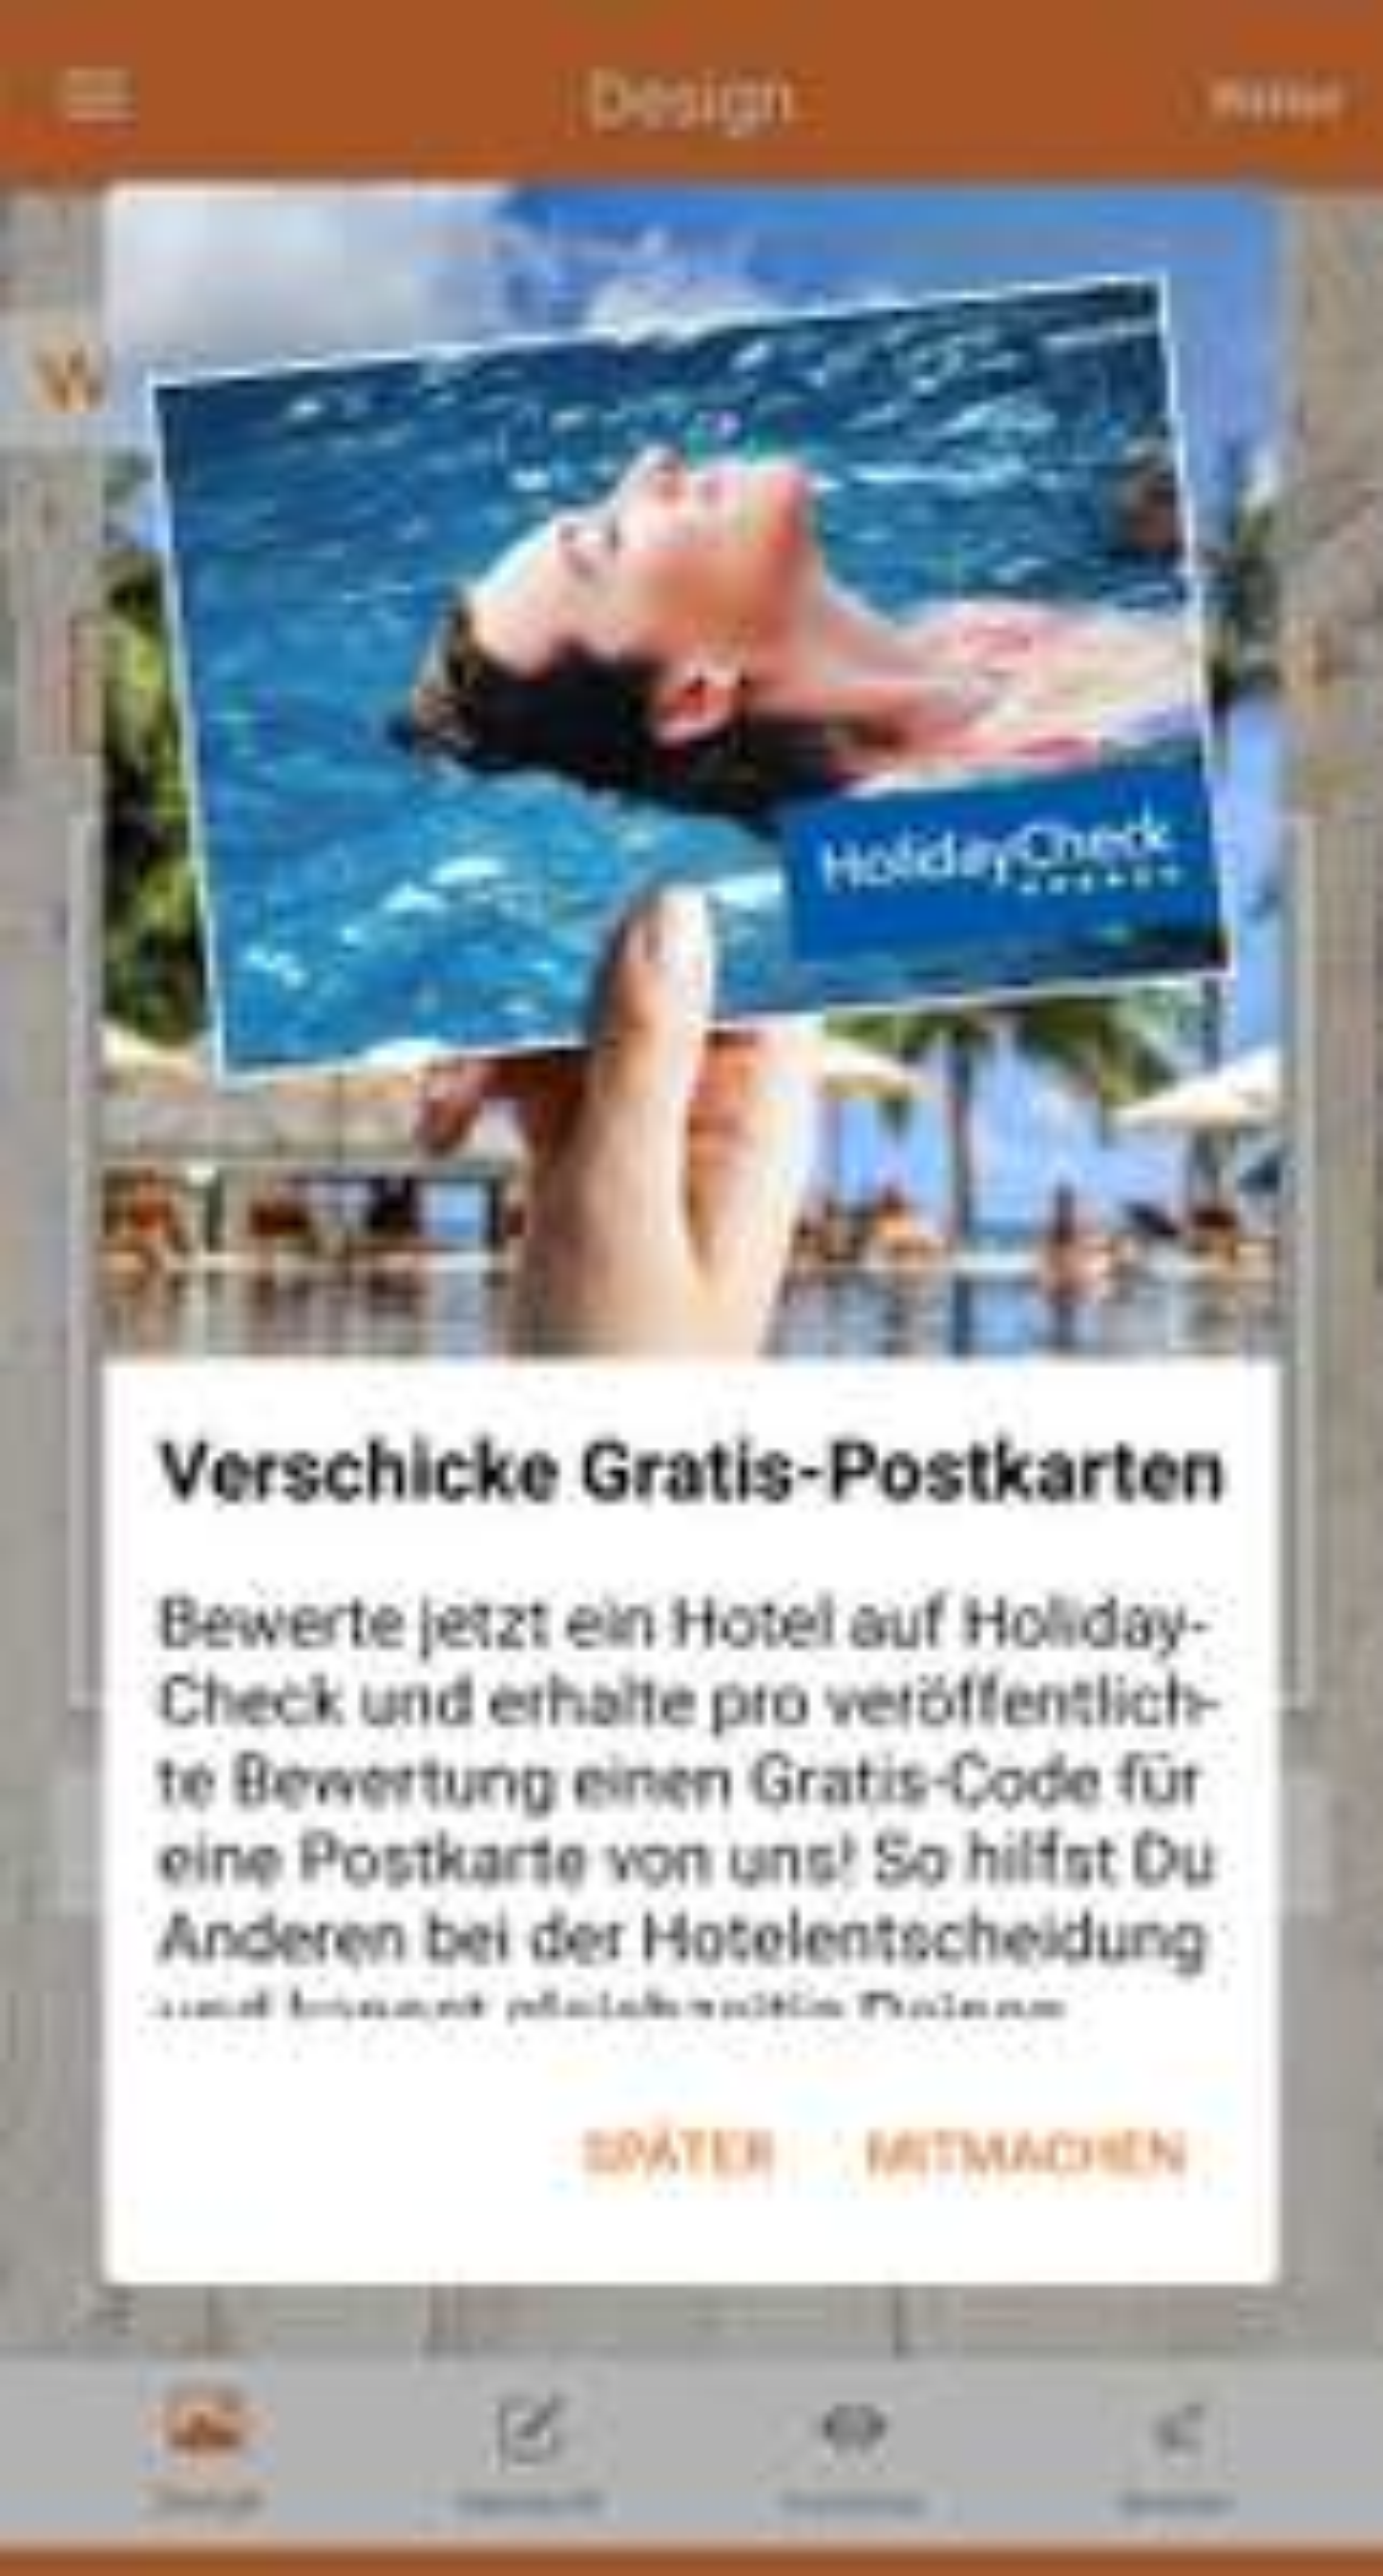 Gratis Postkarte bei Postando bei Hotelbewertungen über HolidayCheck